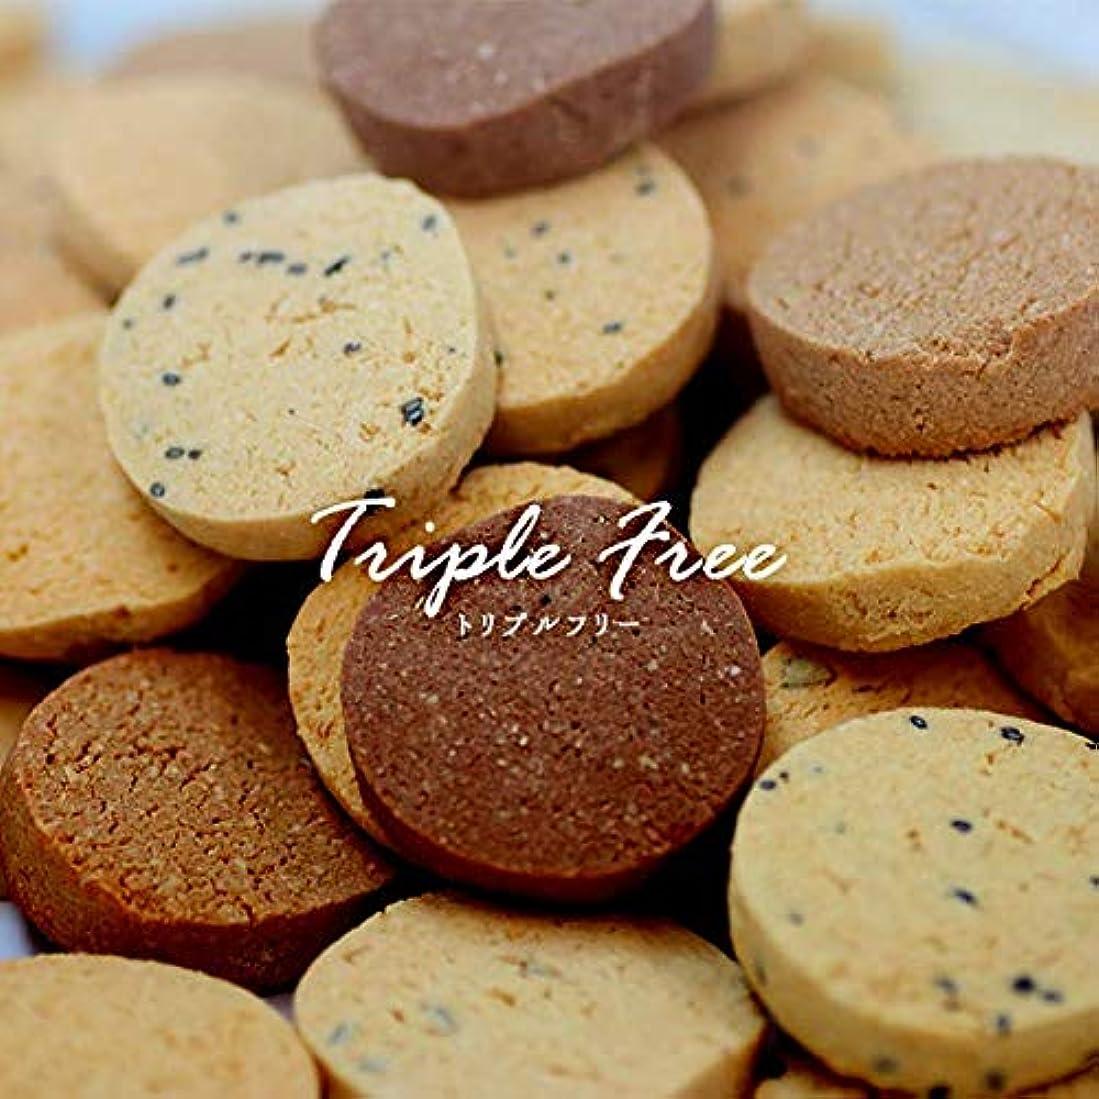 バイオレット想像力ヒップ新感覚!大人気5種類!Triple Free 豆乳おからクッキー 1kg(個包装)小麦粉不使用のダイエットクッキー